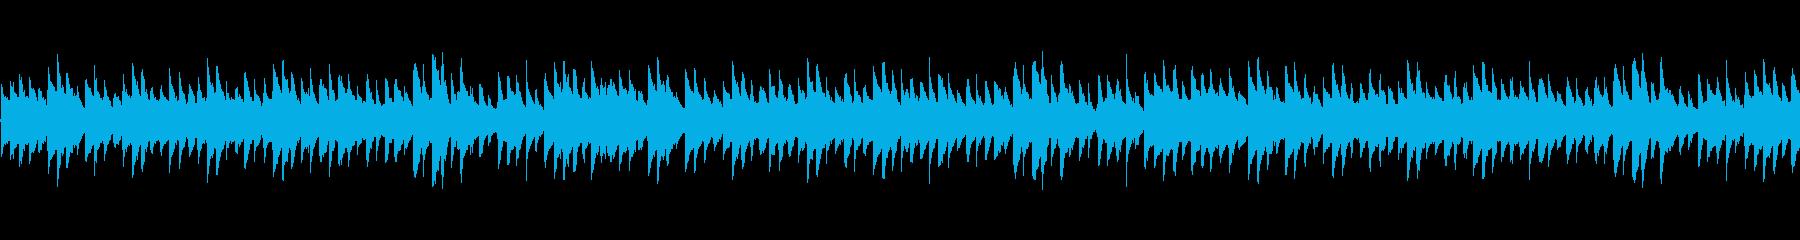 クリスマス パーカッション ピアノ...の再生済みの波形